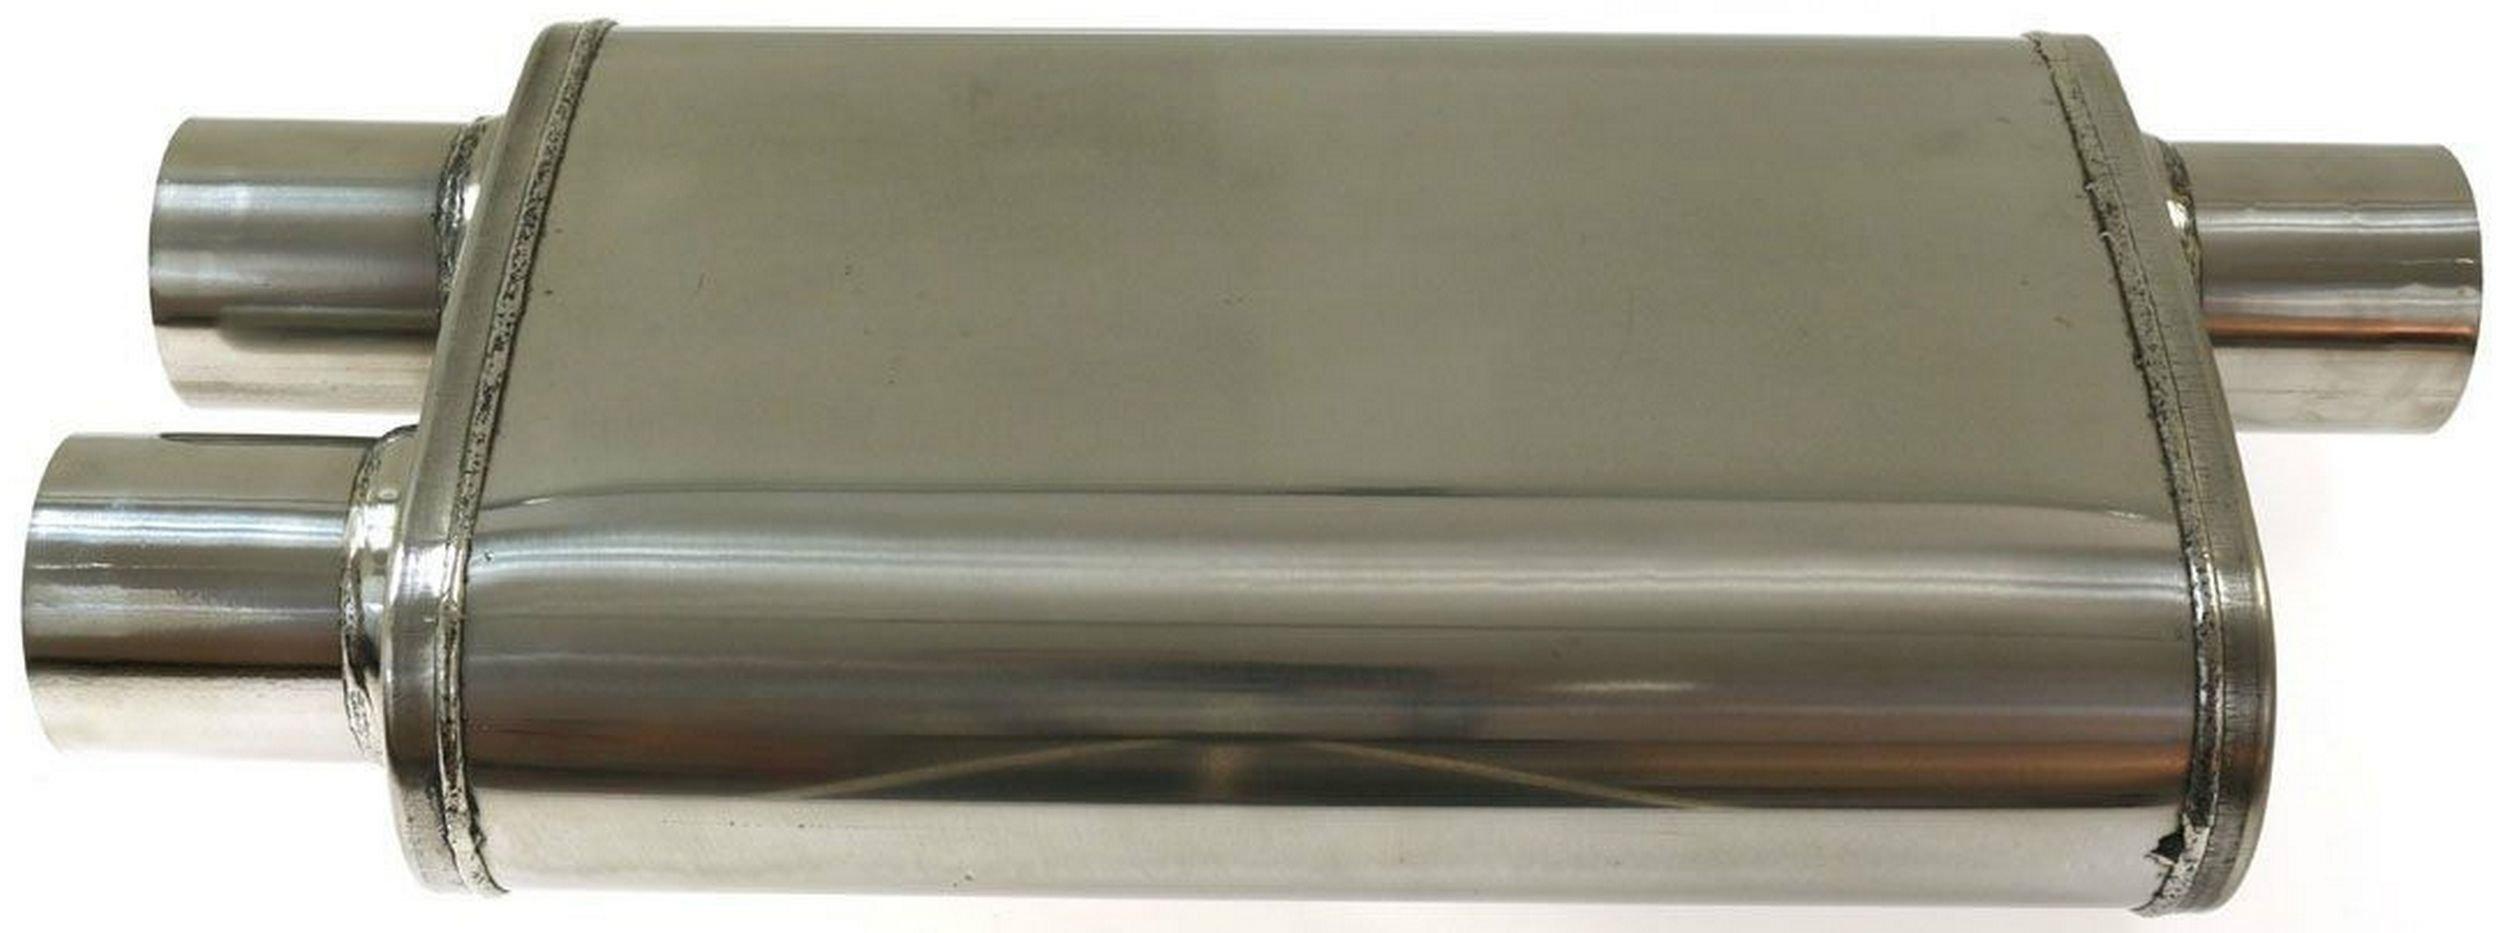 глушитель спортивный Средний задняя панель 2 75'' turboworks